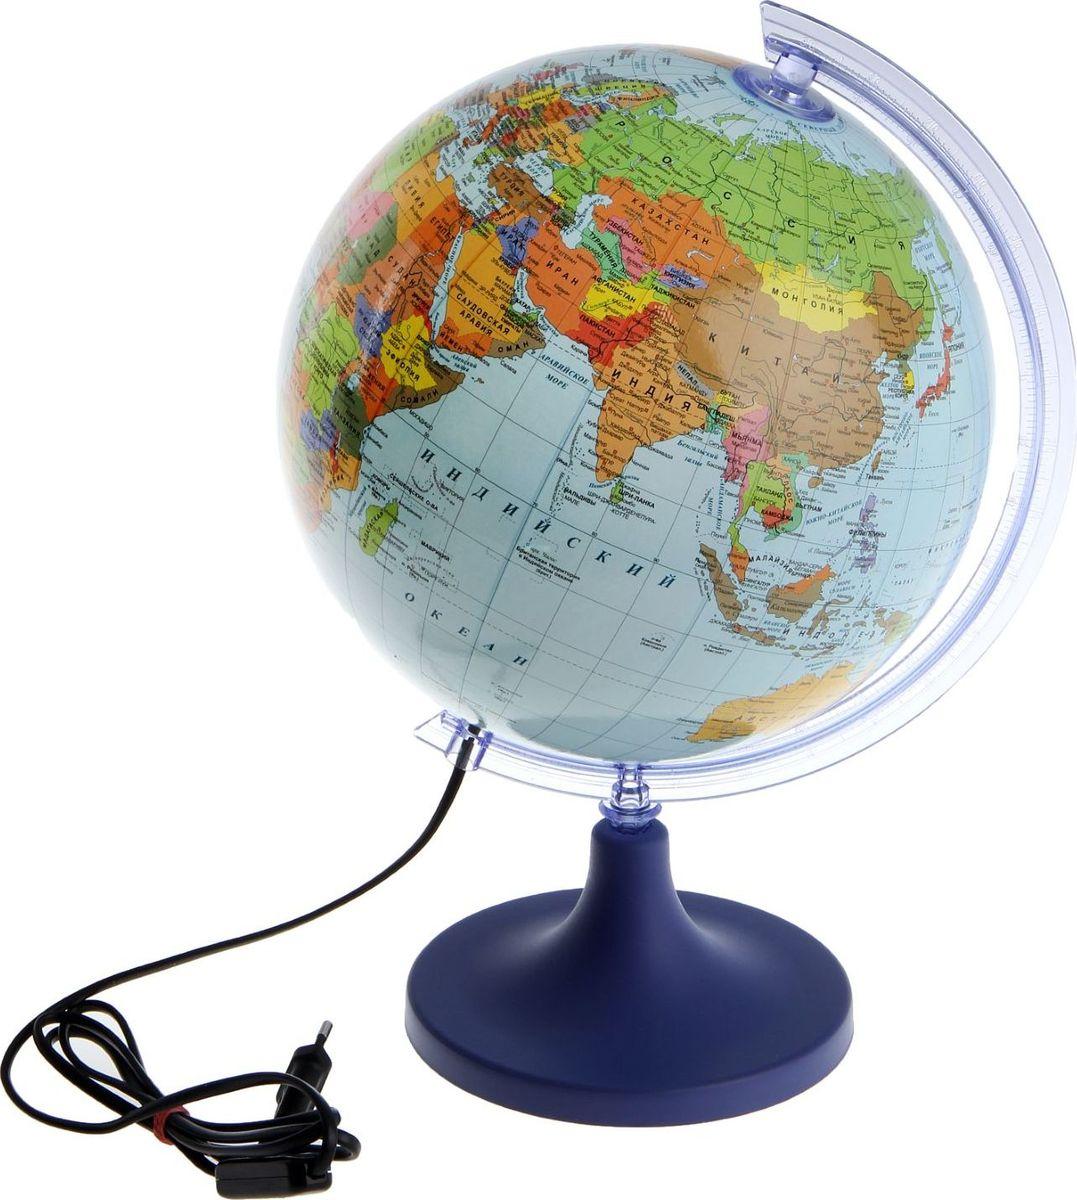 Glowala Глобус политический с подсветкой диаметр 25 см1258802Глобус для всех, глобус каждому! Глобус — самый простой способ привить ребенку любовь к географии. Он является отличным наглядным примером, который способен в игровой доступной и понятной форме объяснить понятия о планете Земля. Также интерес к глобусам проявляют не только детки, но и взрослые. Для многих уменьшенная копия планеты заменяет атлас мира из-за своей доступности и универсальности. Умный подарок! Кому принято дарить глобусы? Всем! Глобус политический диаметр 250мм, с подсветкой — это уменьшенная копия земного шара, в которой каждый найдет для себя что-то свое. путешественники и заядлые туристы смогут отмечать с помощью стикеров те места, в которых побывали или собираются их посетить деловые и успешные люди оценят такой подарок по достоинству, потому что глобус ассоциируется со статусом и властью преподаватели, ученые, студенты или просто неординарные личности также найдут для глобуса достойное место в своем доме. Итак, спешите заказать...